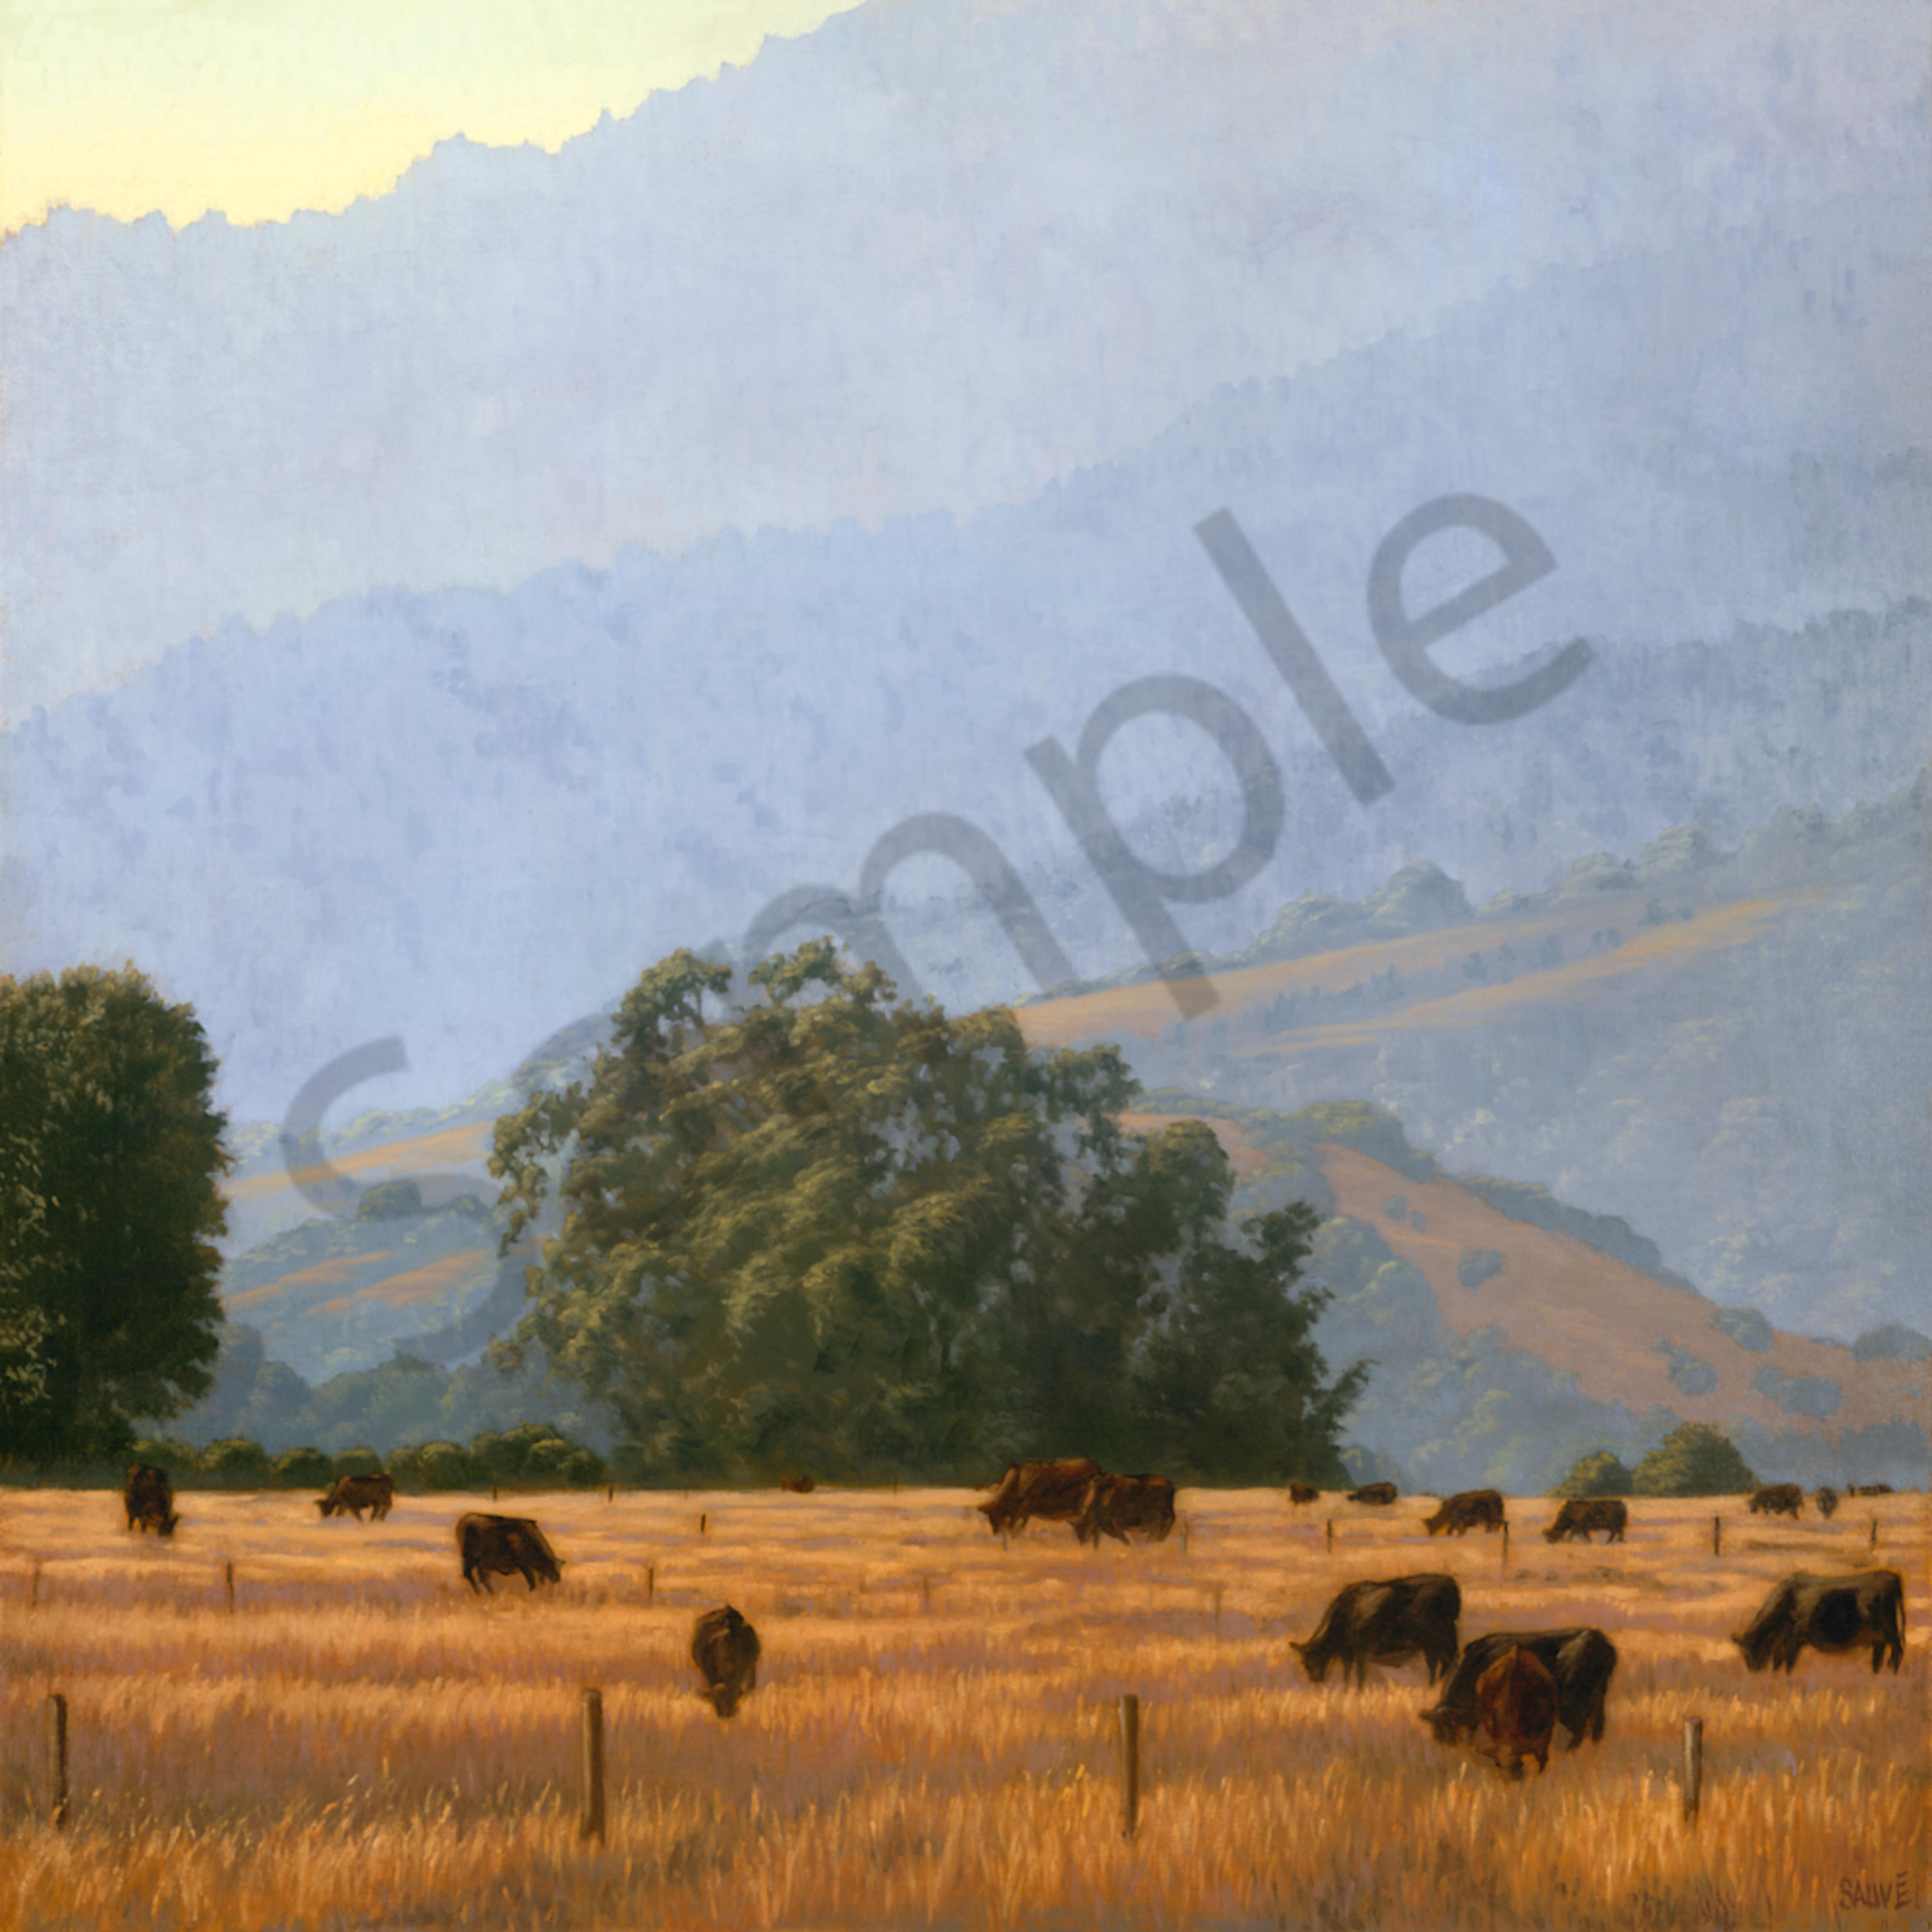 Evening graze on the mesa nsbcwt